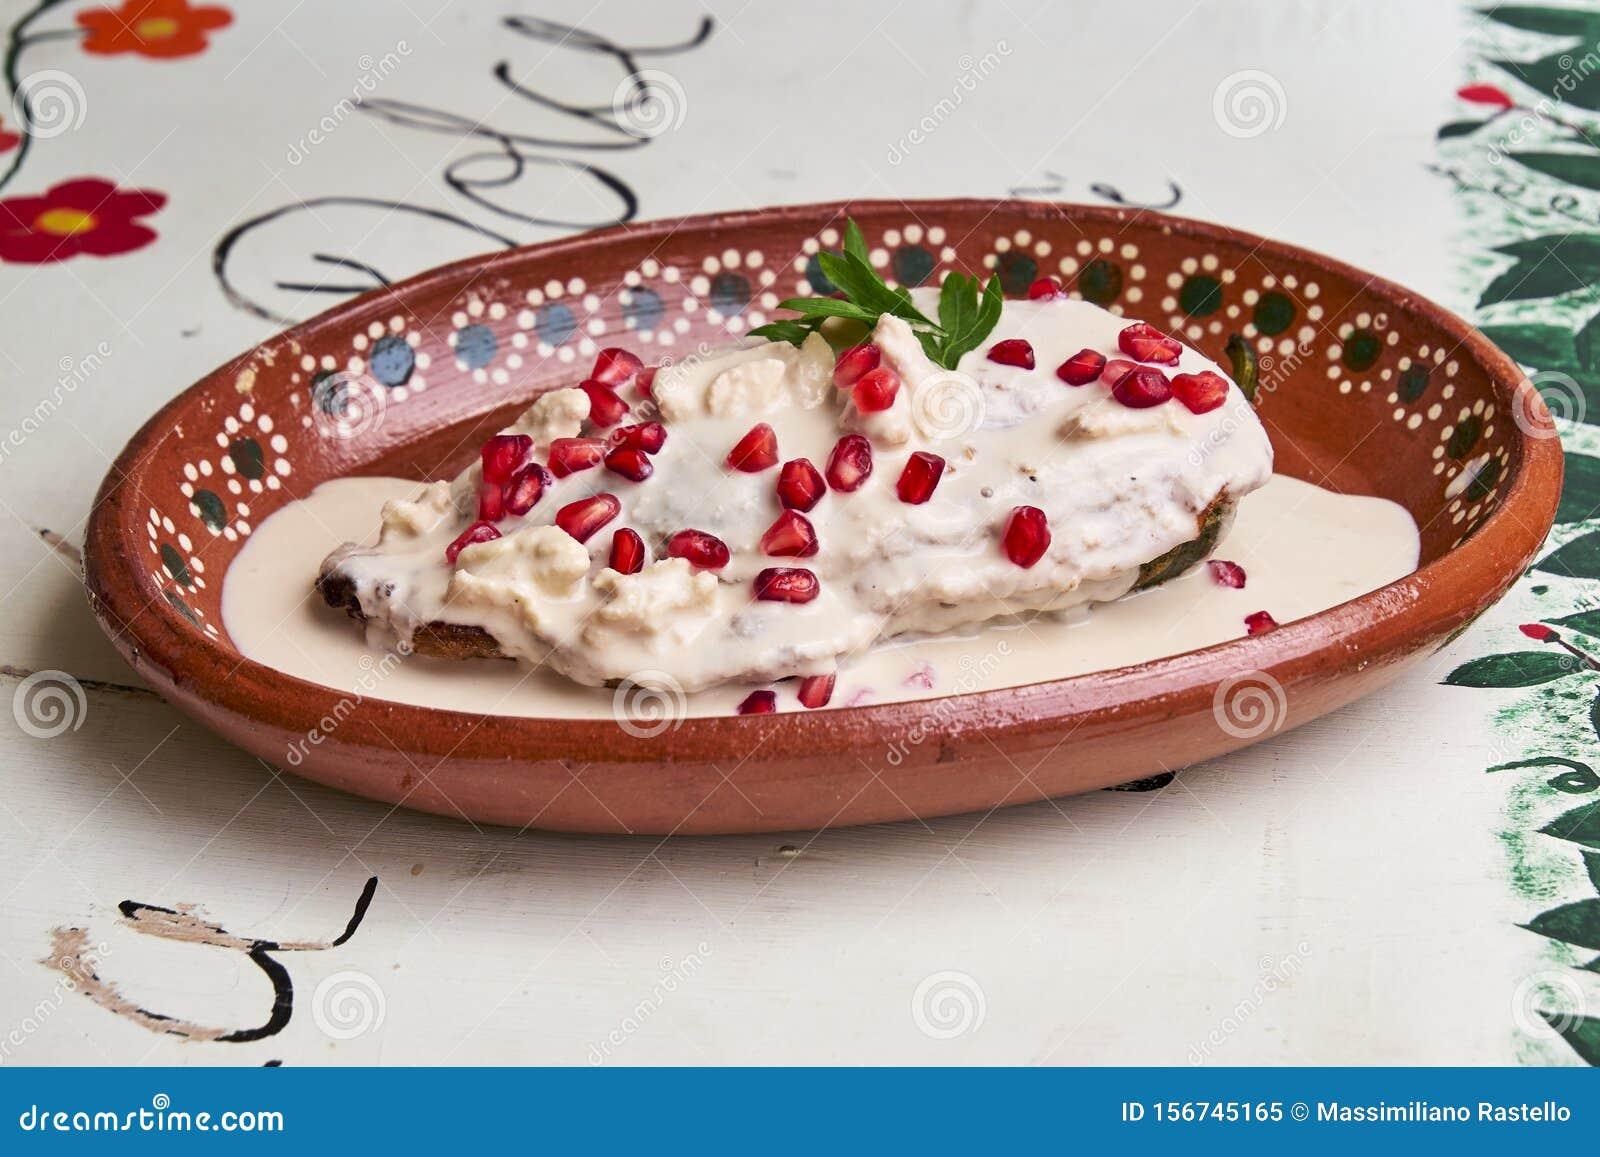 Chile en Nogada dish of Puebla